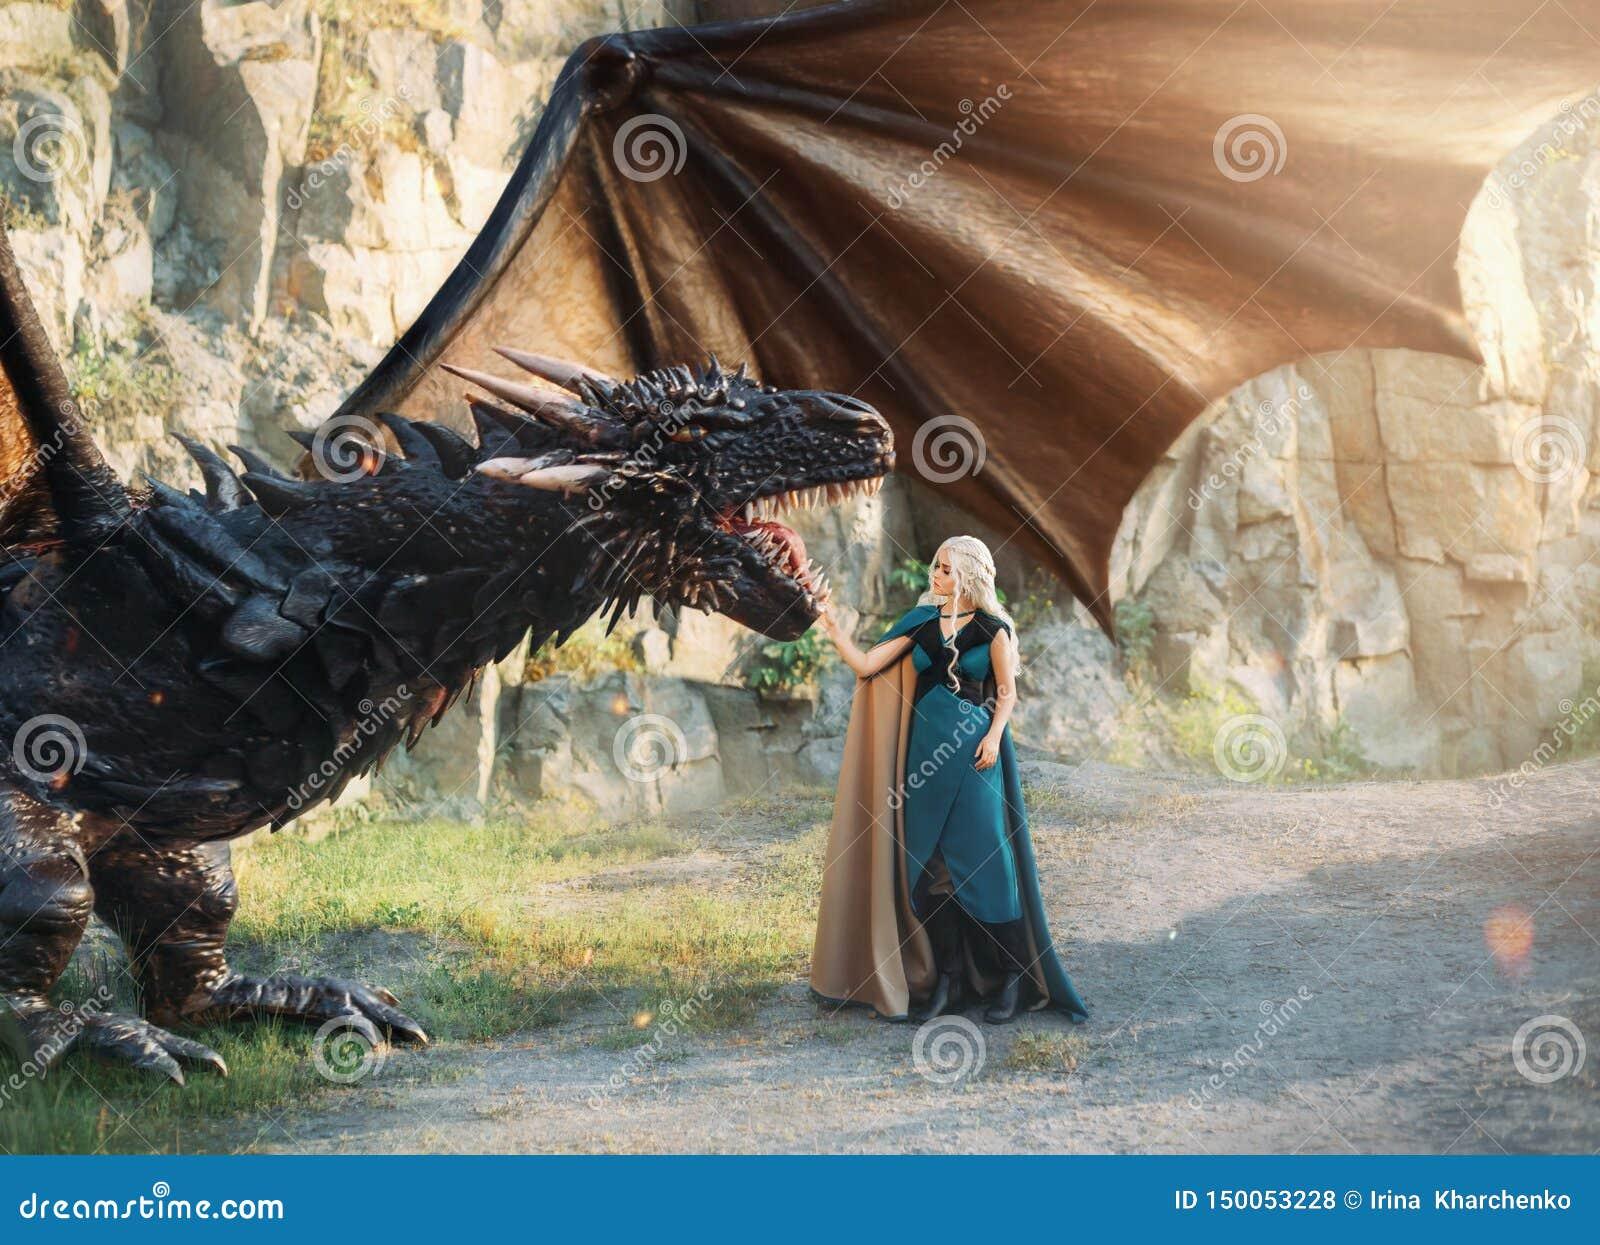 Bajki dziewczyna z białym włosy z ciepłymi błękitów ubraniami stoi blisko skał, miły elf r w górę silnego potężnego wspaniałego c